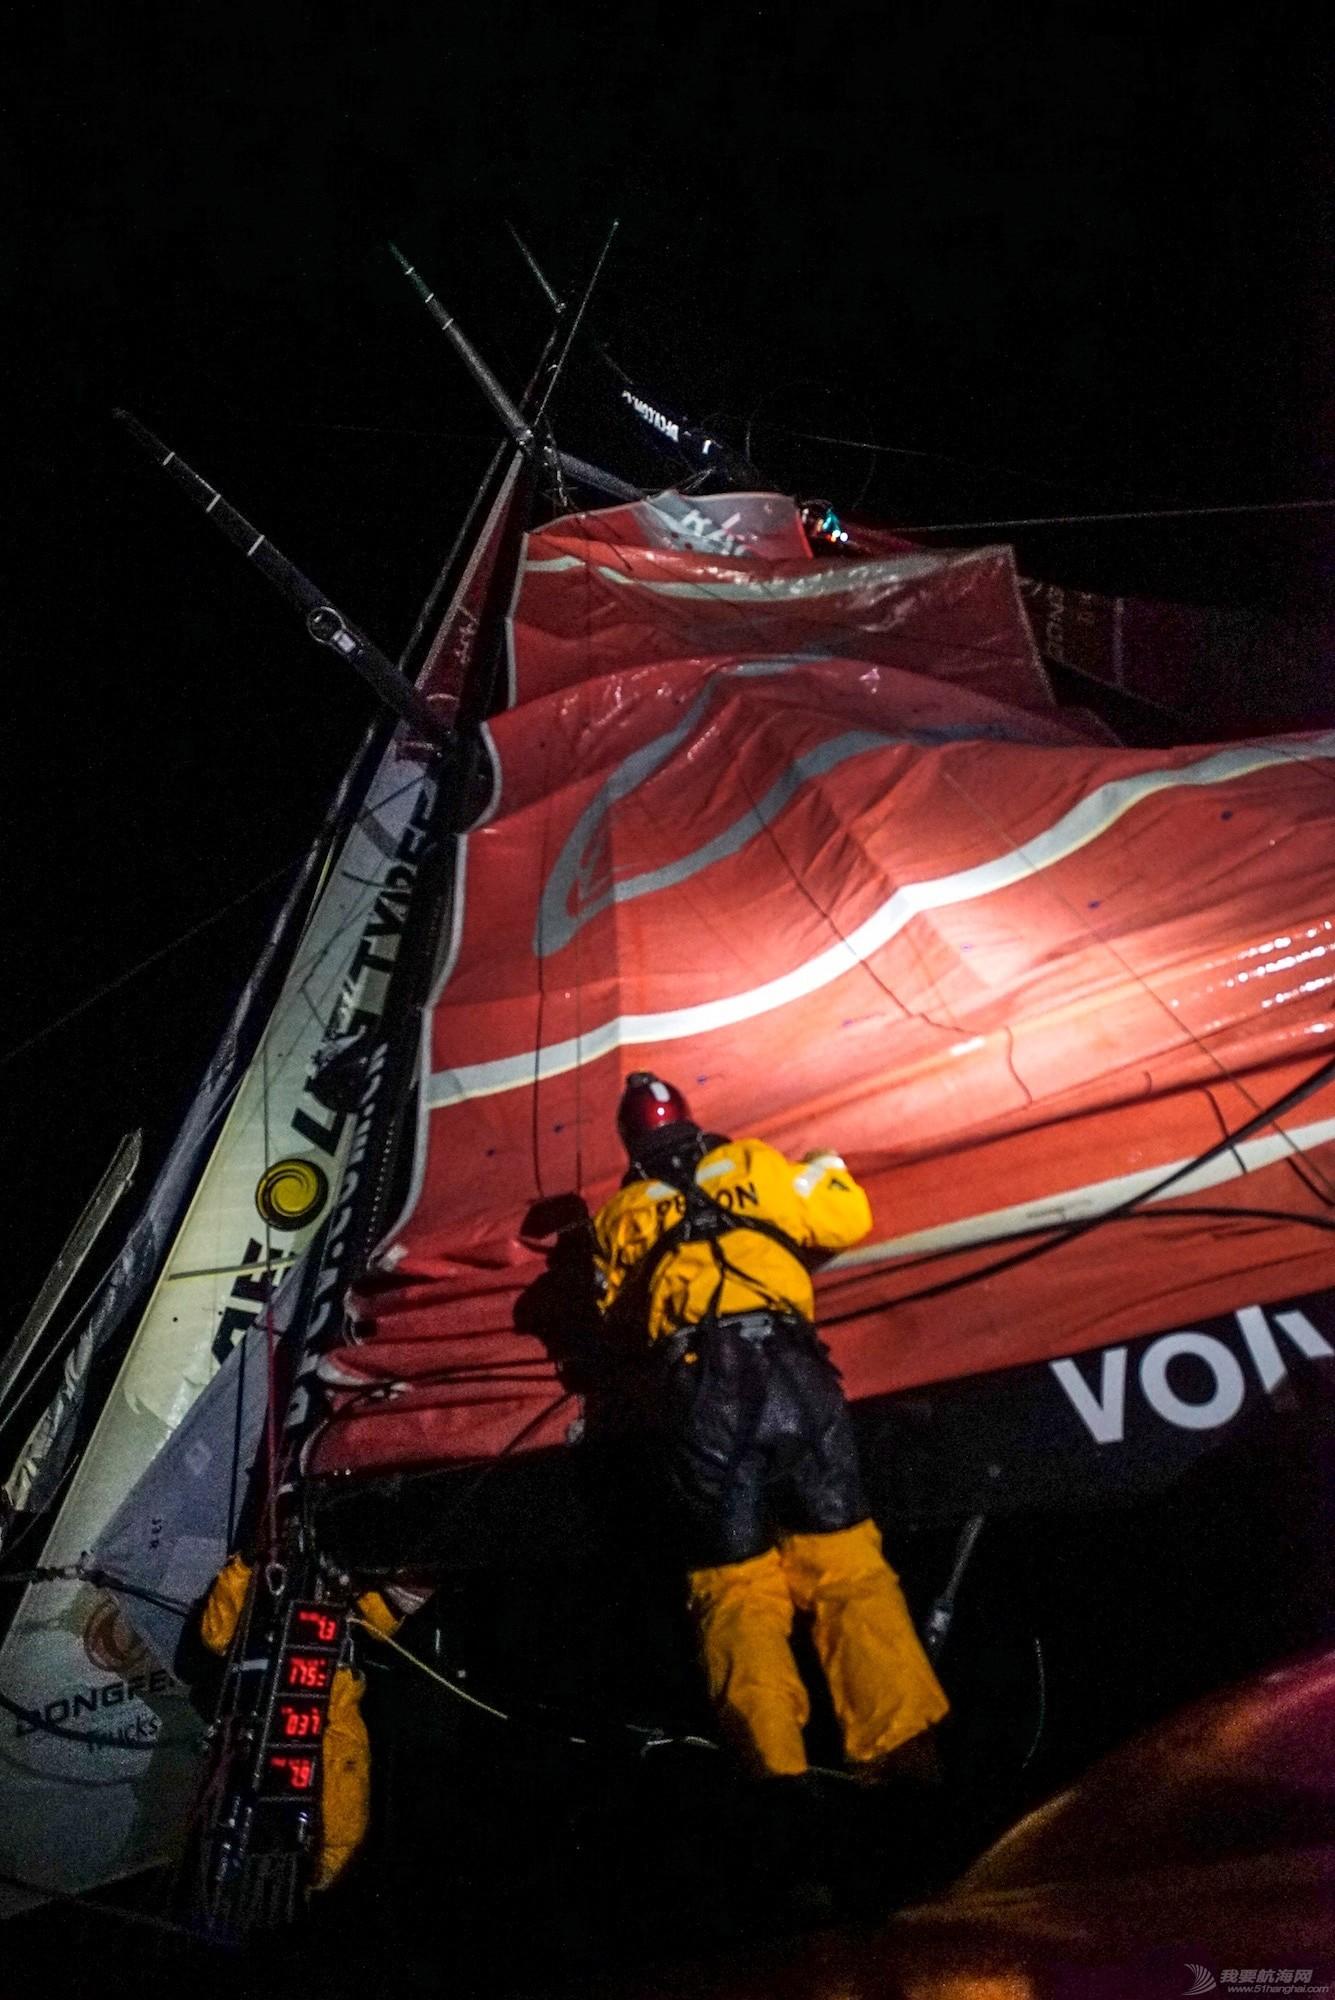 北京时间,沃尔沃,乌斯怀亚,突如其来,阿根廷 帆船断桅,梦想折翼,东风队无奈止步合恩角。期待明日再扬帆!